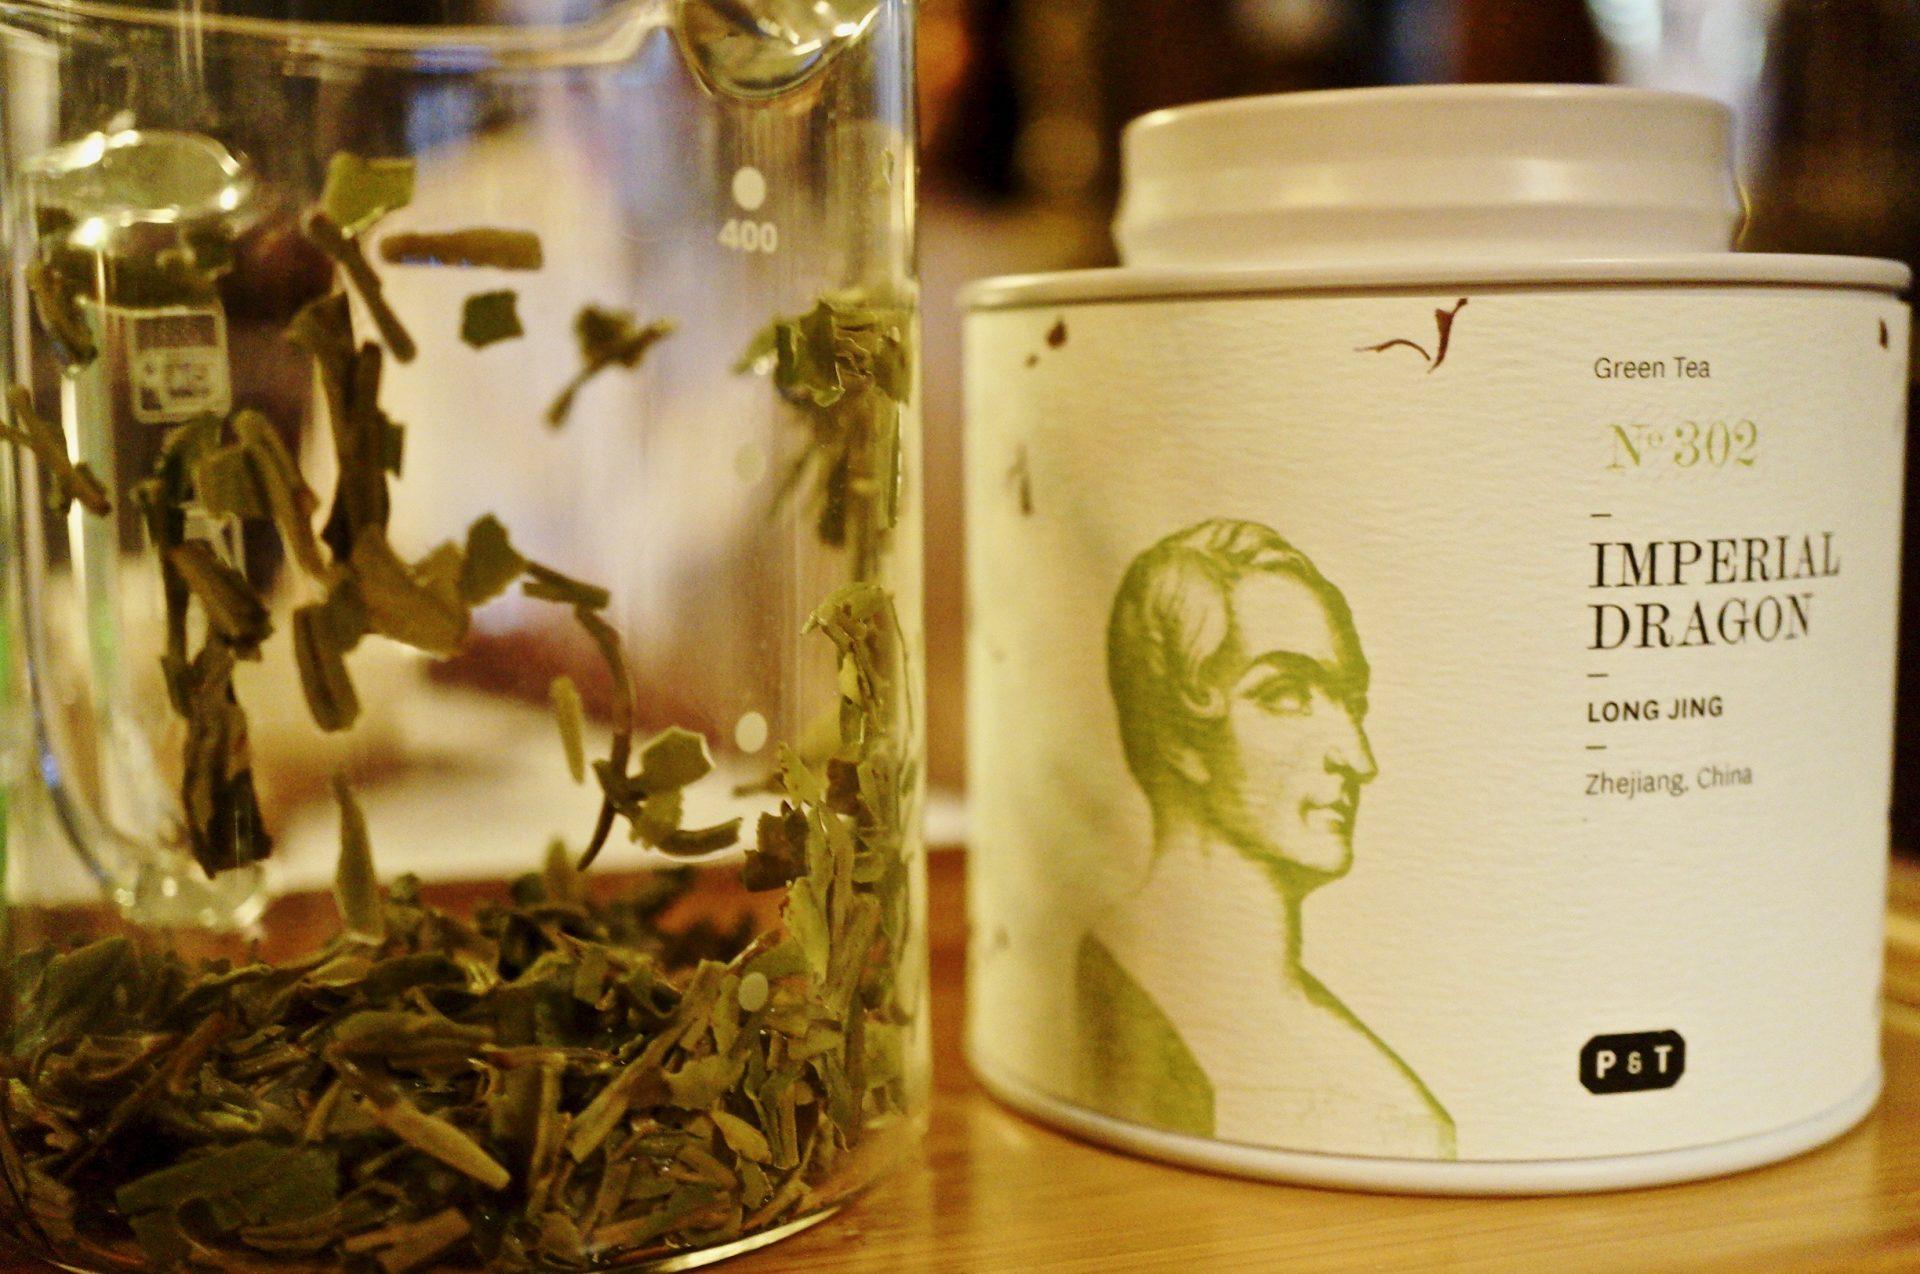 Tea Time mit P&T bei Feinkost Käfer